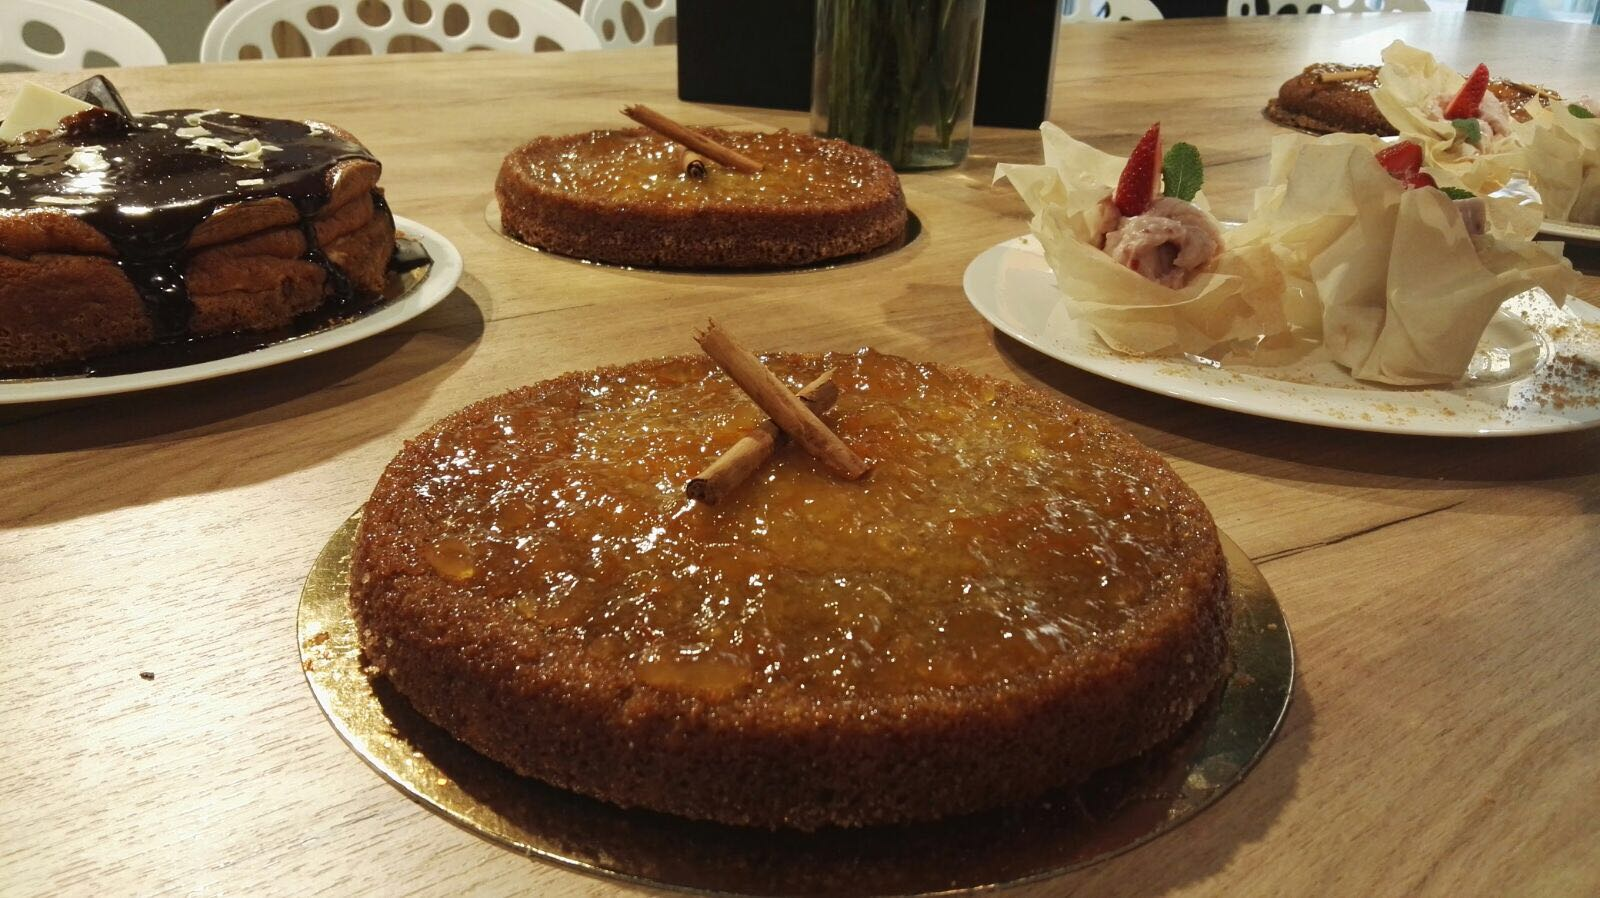 Las mejores tartas de queso en Zaragoza y cursos para aprender a elaborarlas